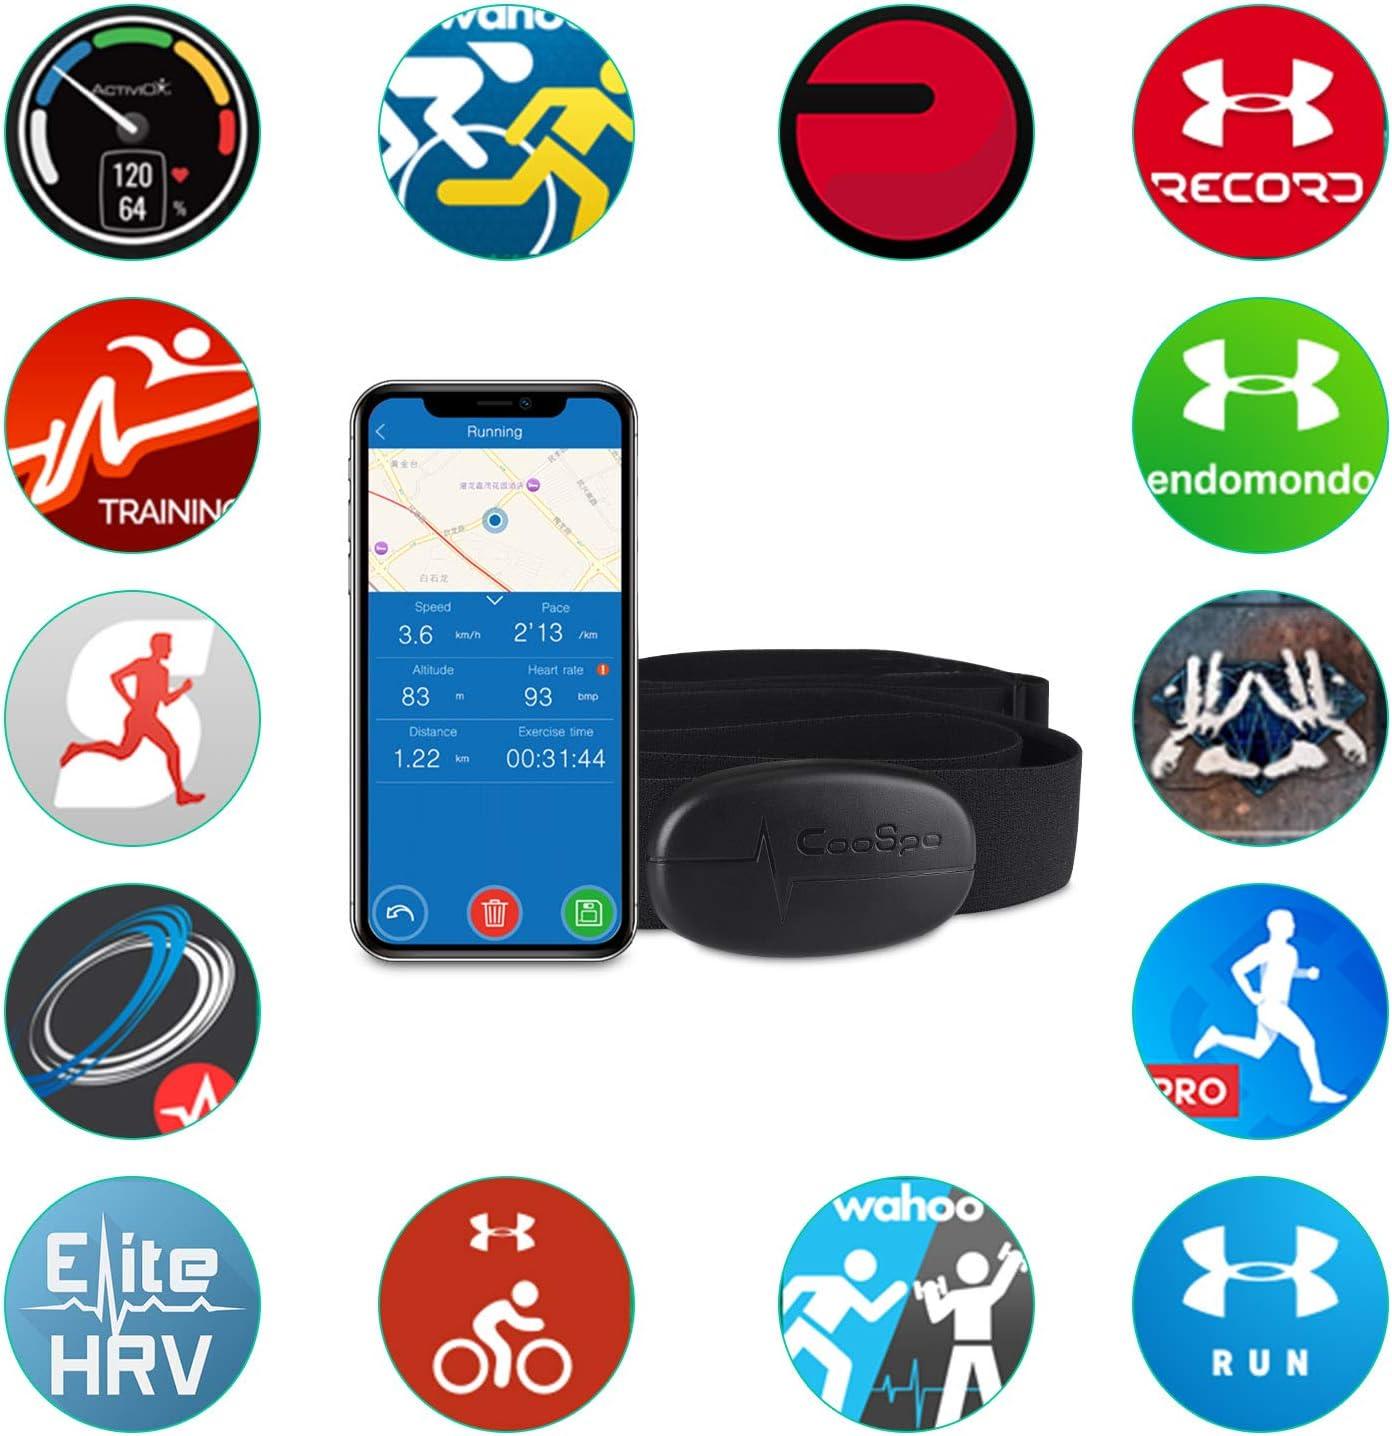 CooSpo Banda de Frecuencia Cardiaca Bluetooth 4.0 Ant+ Monitor ...